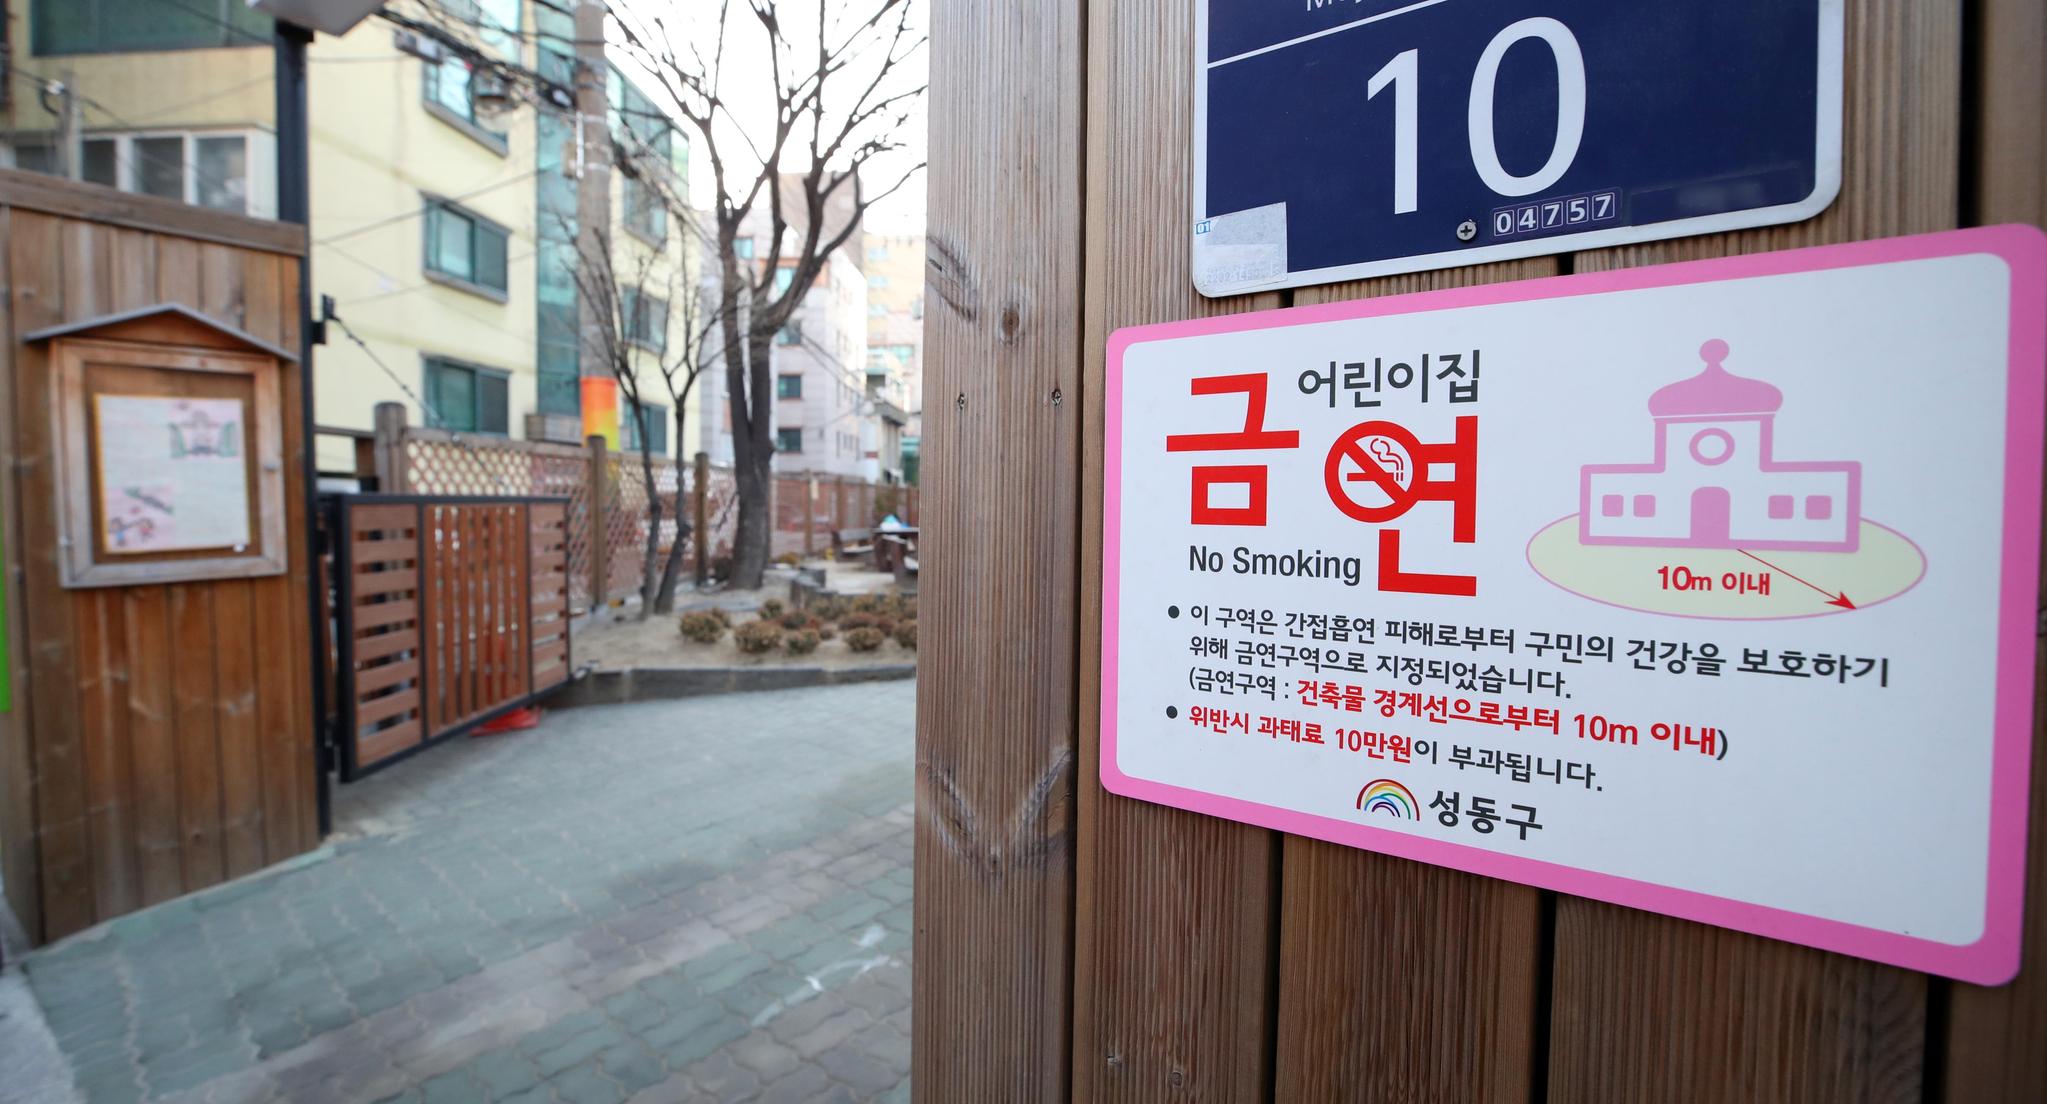 전국 모든 어린이집과 유치원 건물 주변이 금연구역으로 지정된 지난해 12월 31일 오전 서울의 한 어린이집 앞에 금연구역임을 알리는 안내판이 붙어 있다. 앞으로 어린이집과 유치원 시설 경계선으로부터 10m 이내에서 흡연 적발 시 과태료 10만원을 내야 한다. [연합뉴스]